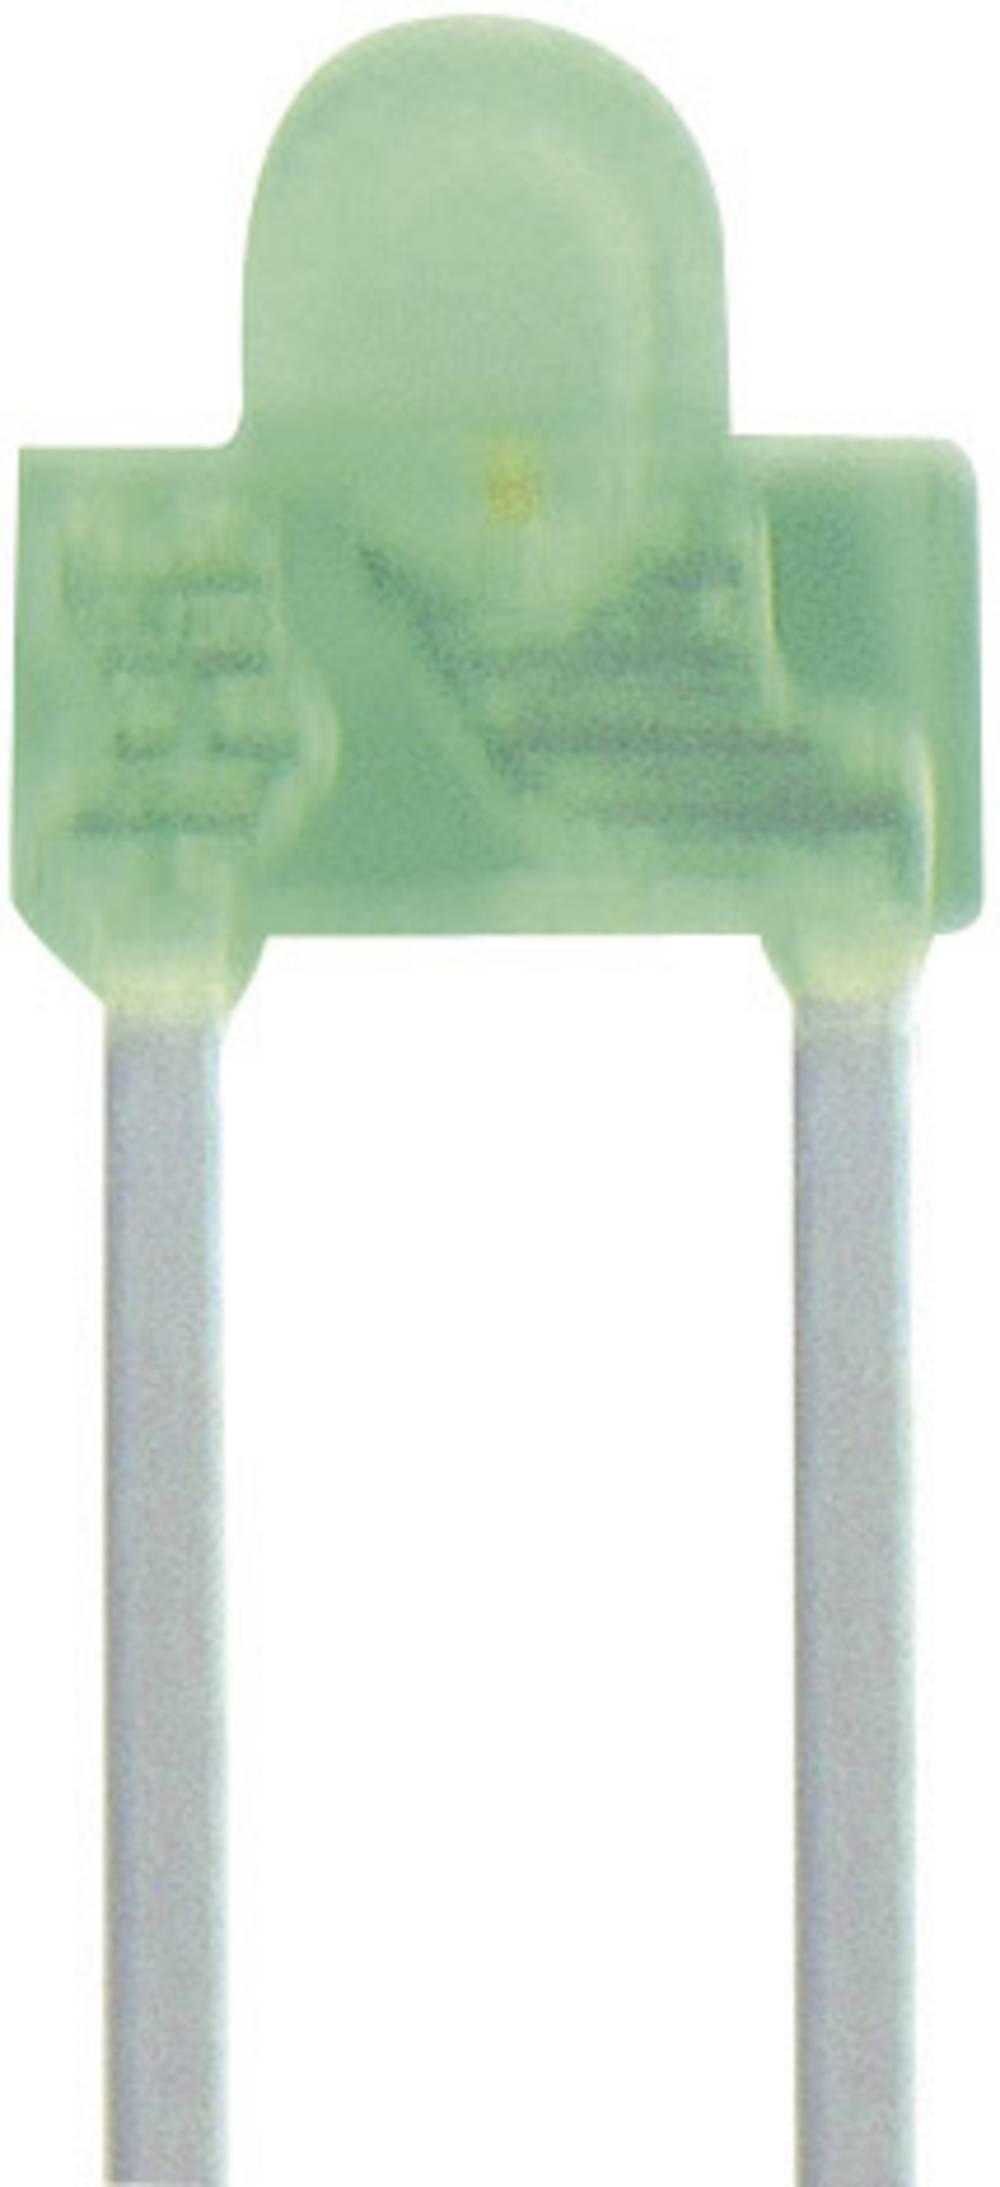 Ožičena LED dioda, rdeča, izbočena 1.8 mm 15 mcd 70 ° 20 mA 2 V Kingbright L-2060ID